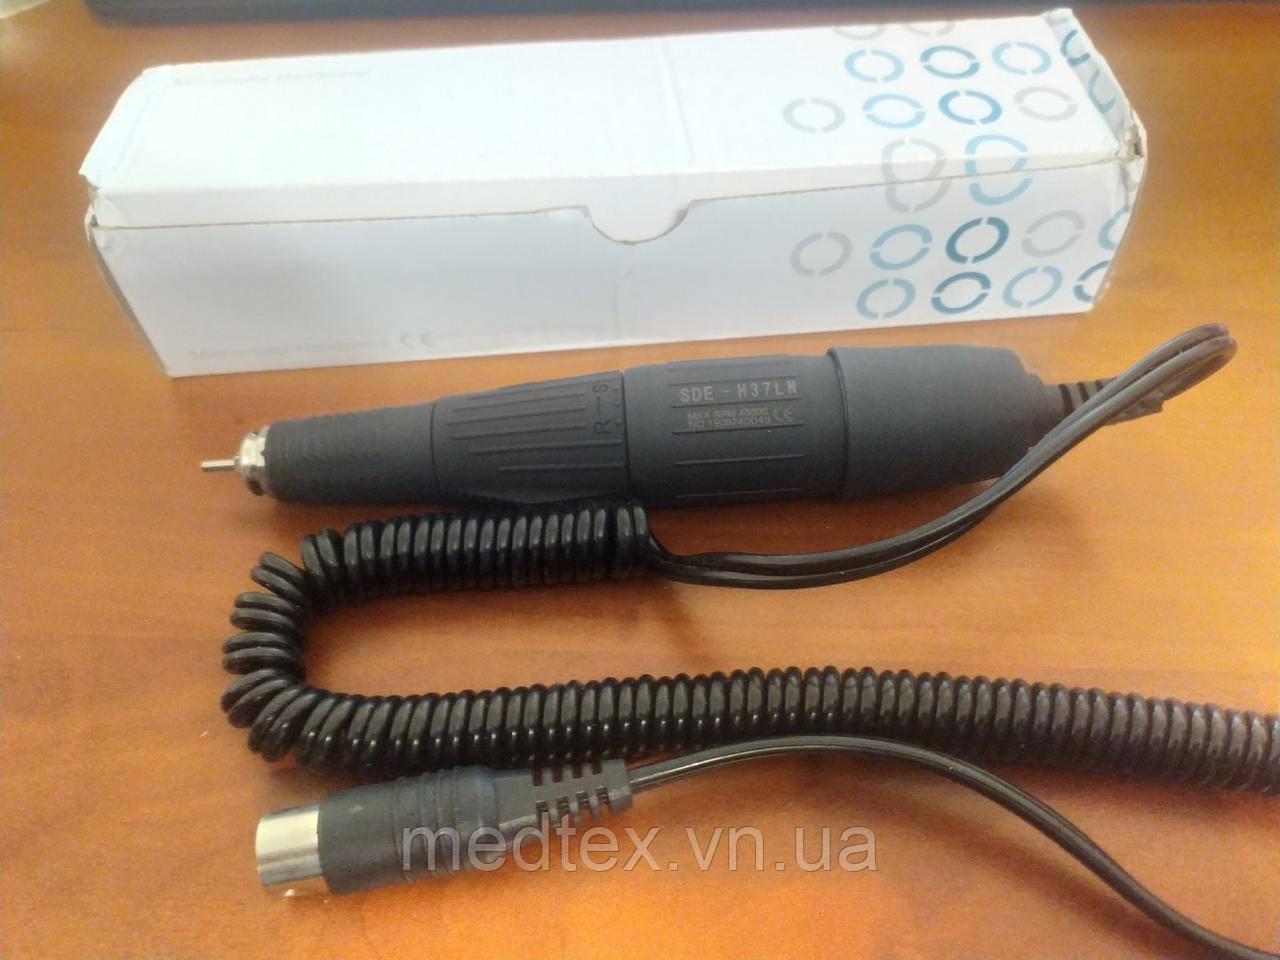 Микромотор Марафон SDE-H37LN 45000 об./мин.(Китай)